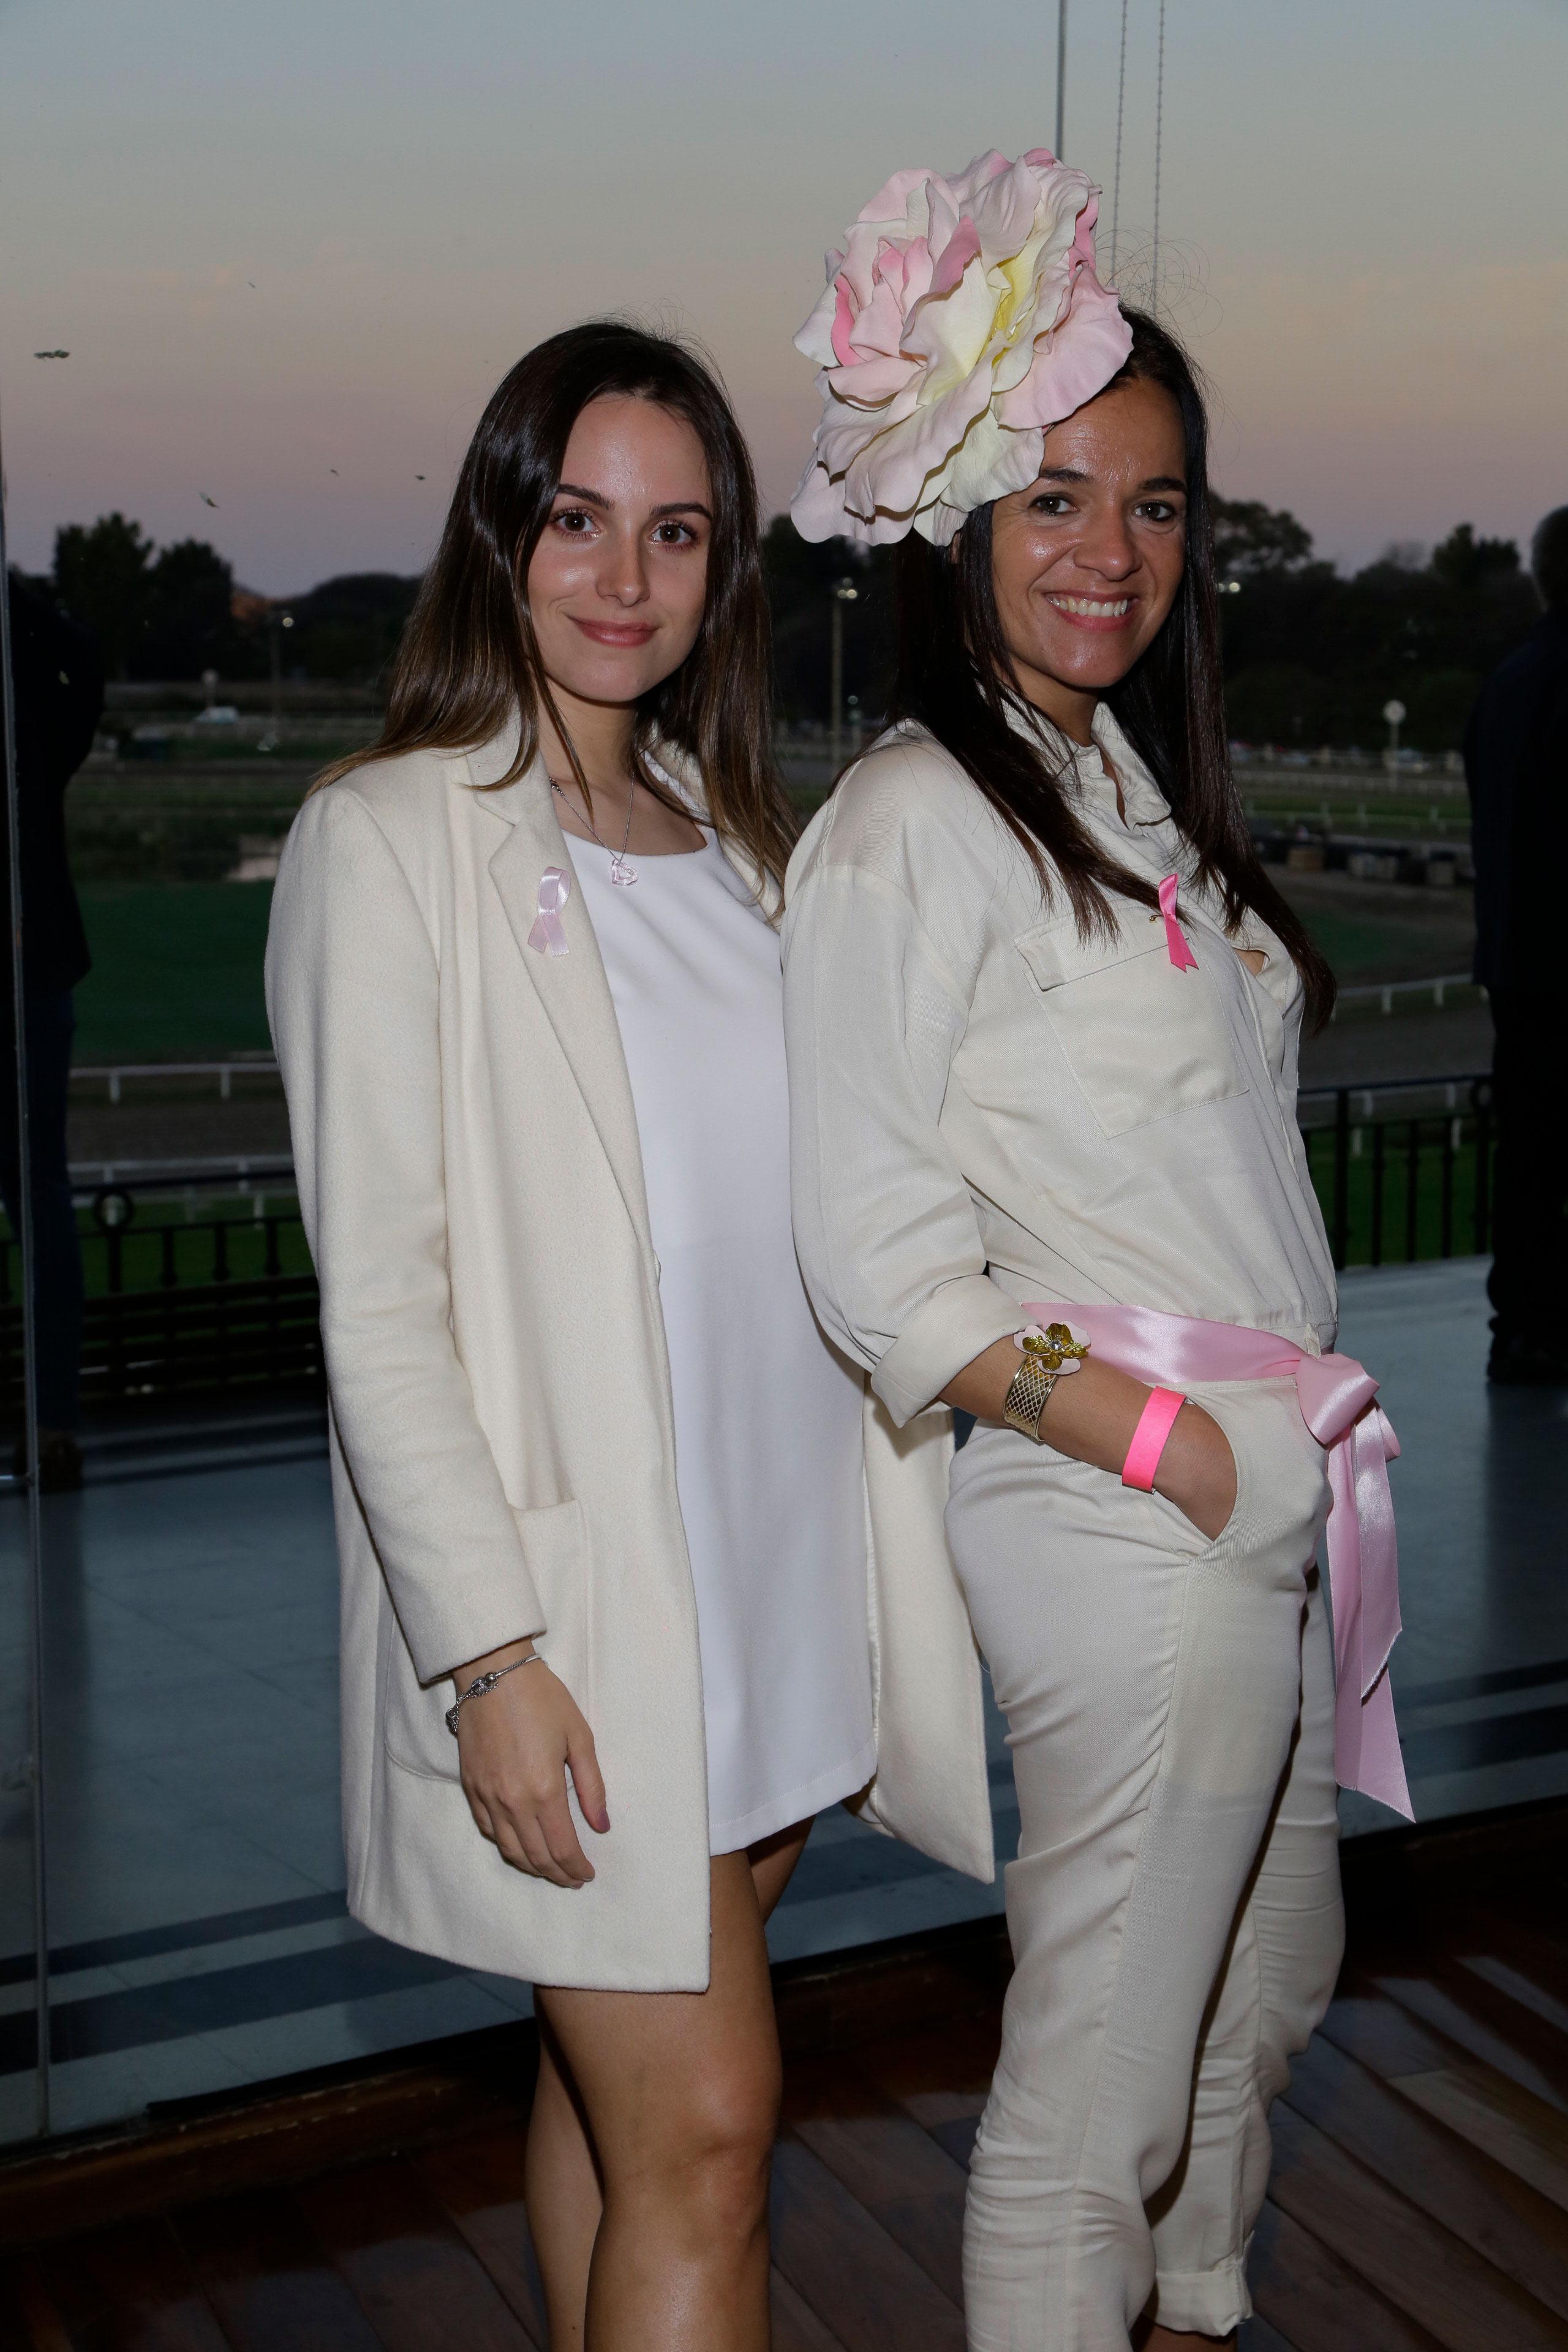 Antonella Bárbaro y Florencia Uslenghi. Con distintivos lazos rosas, el objetivo fue concientizar sobre la importancia de la prevención y detección temprana del cáncer de mama